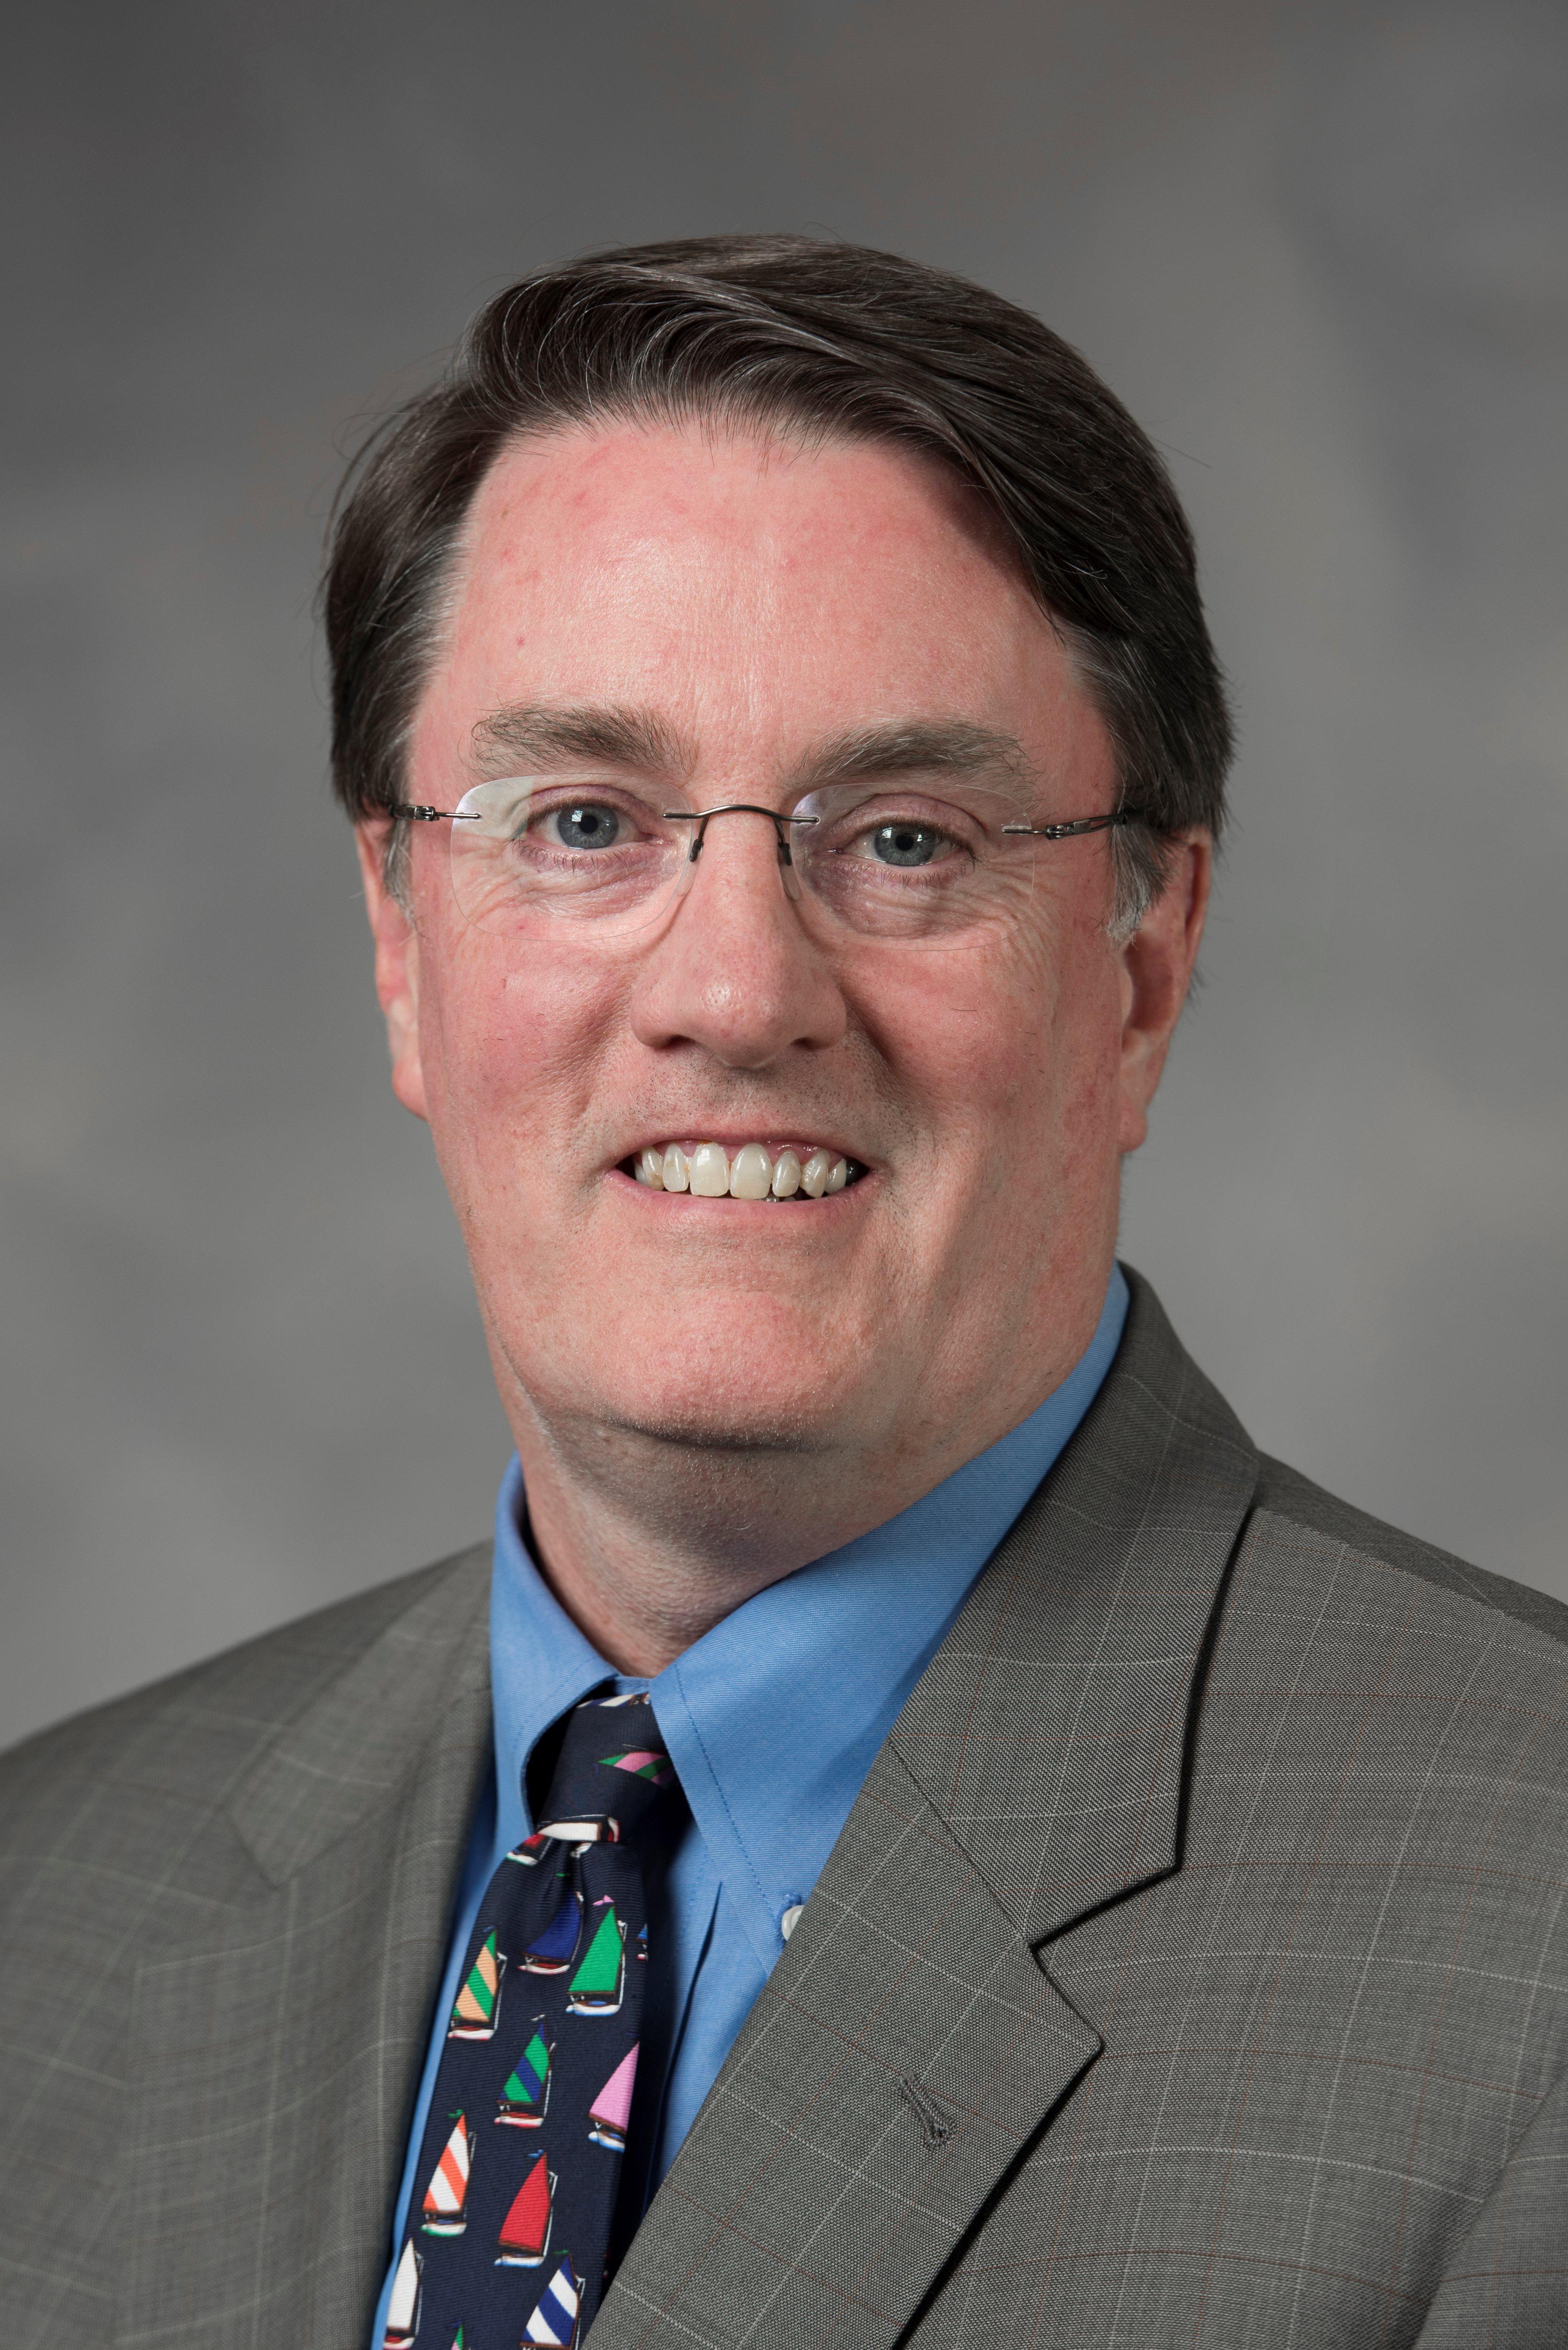 Bob Shea